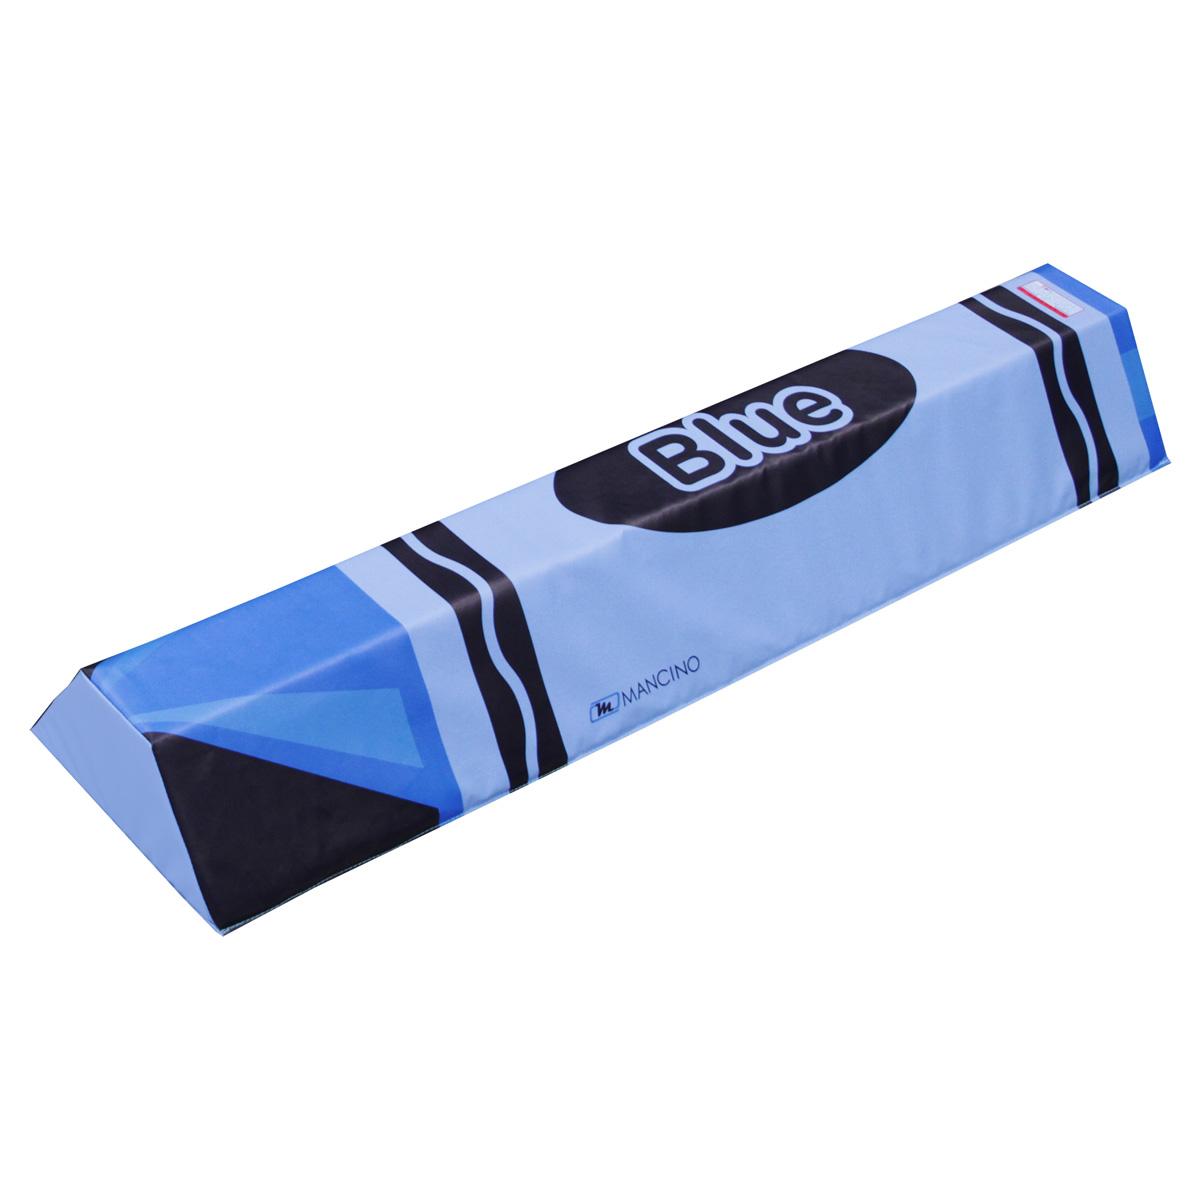 blue foam crayon training shape - mancino mats